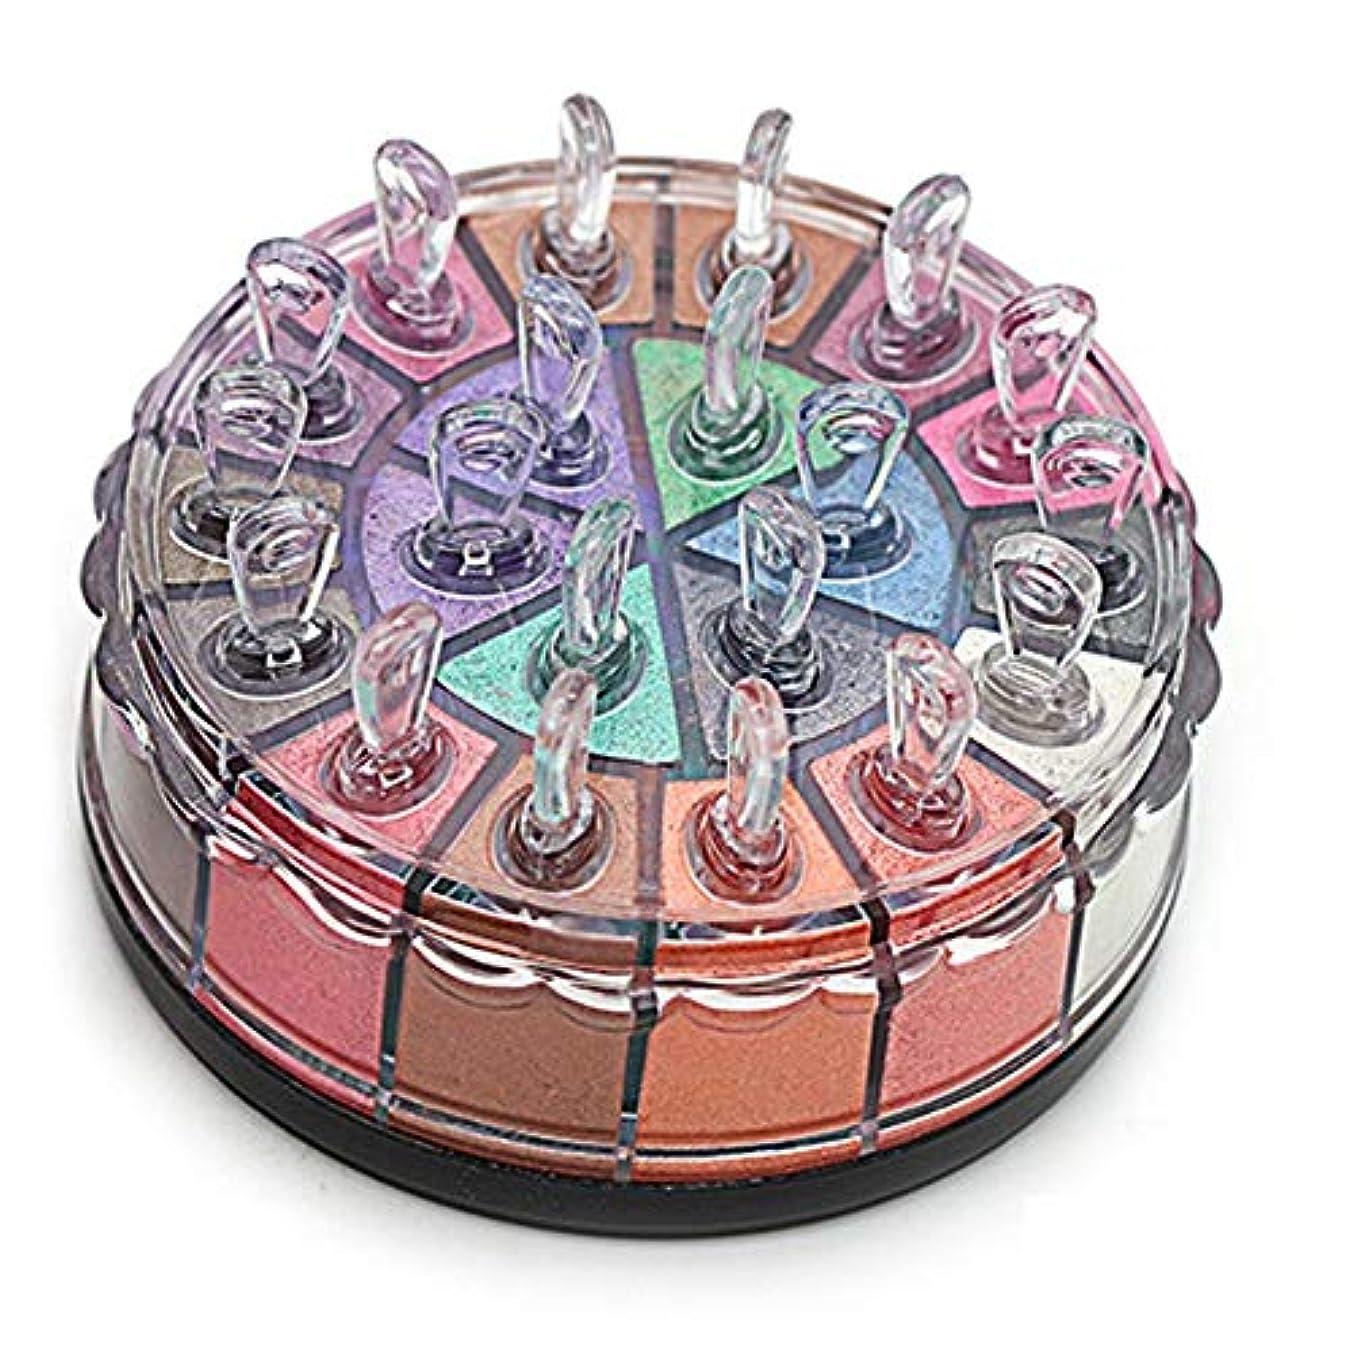 圧縮する破壊する道路Akane アイシャドウパレット INS 人気 ファッション 超便利 キラキラ 欧米風 綺麗 可愛い 高級 つや消し マット Eye Shadow (20色)